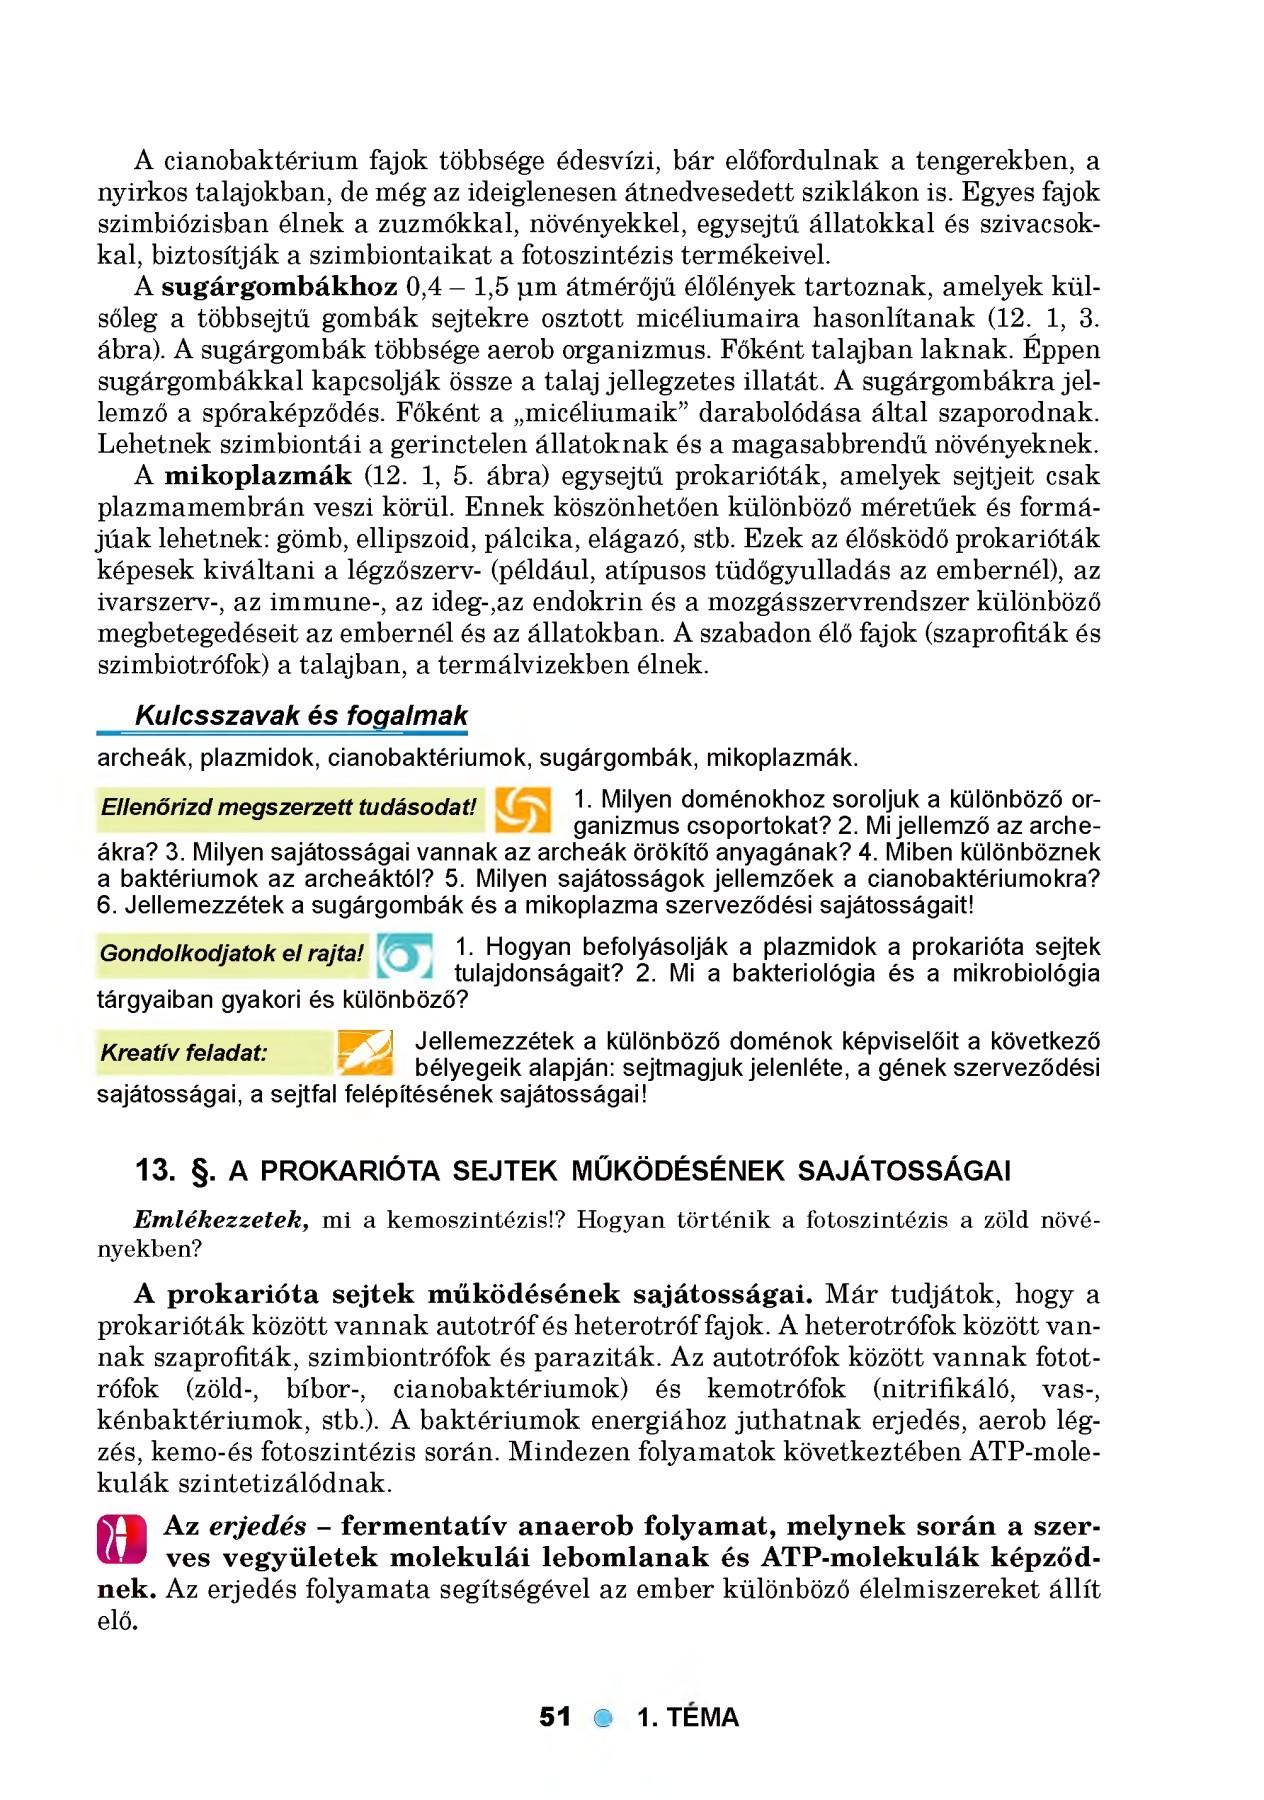 a paraziták testből való eltávolításának sémája)